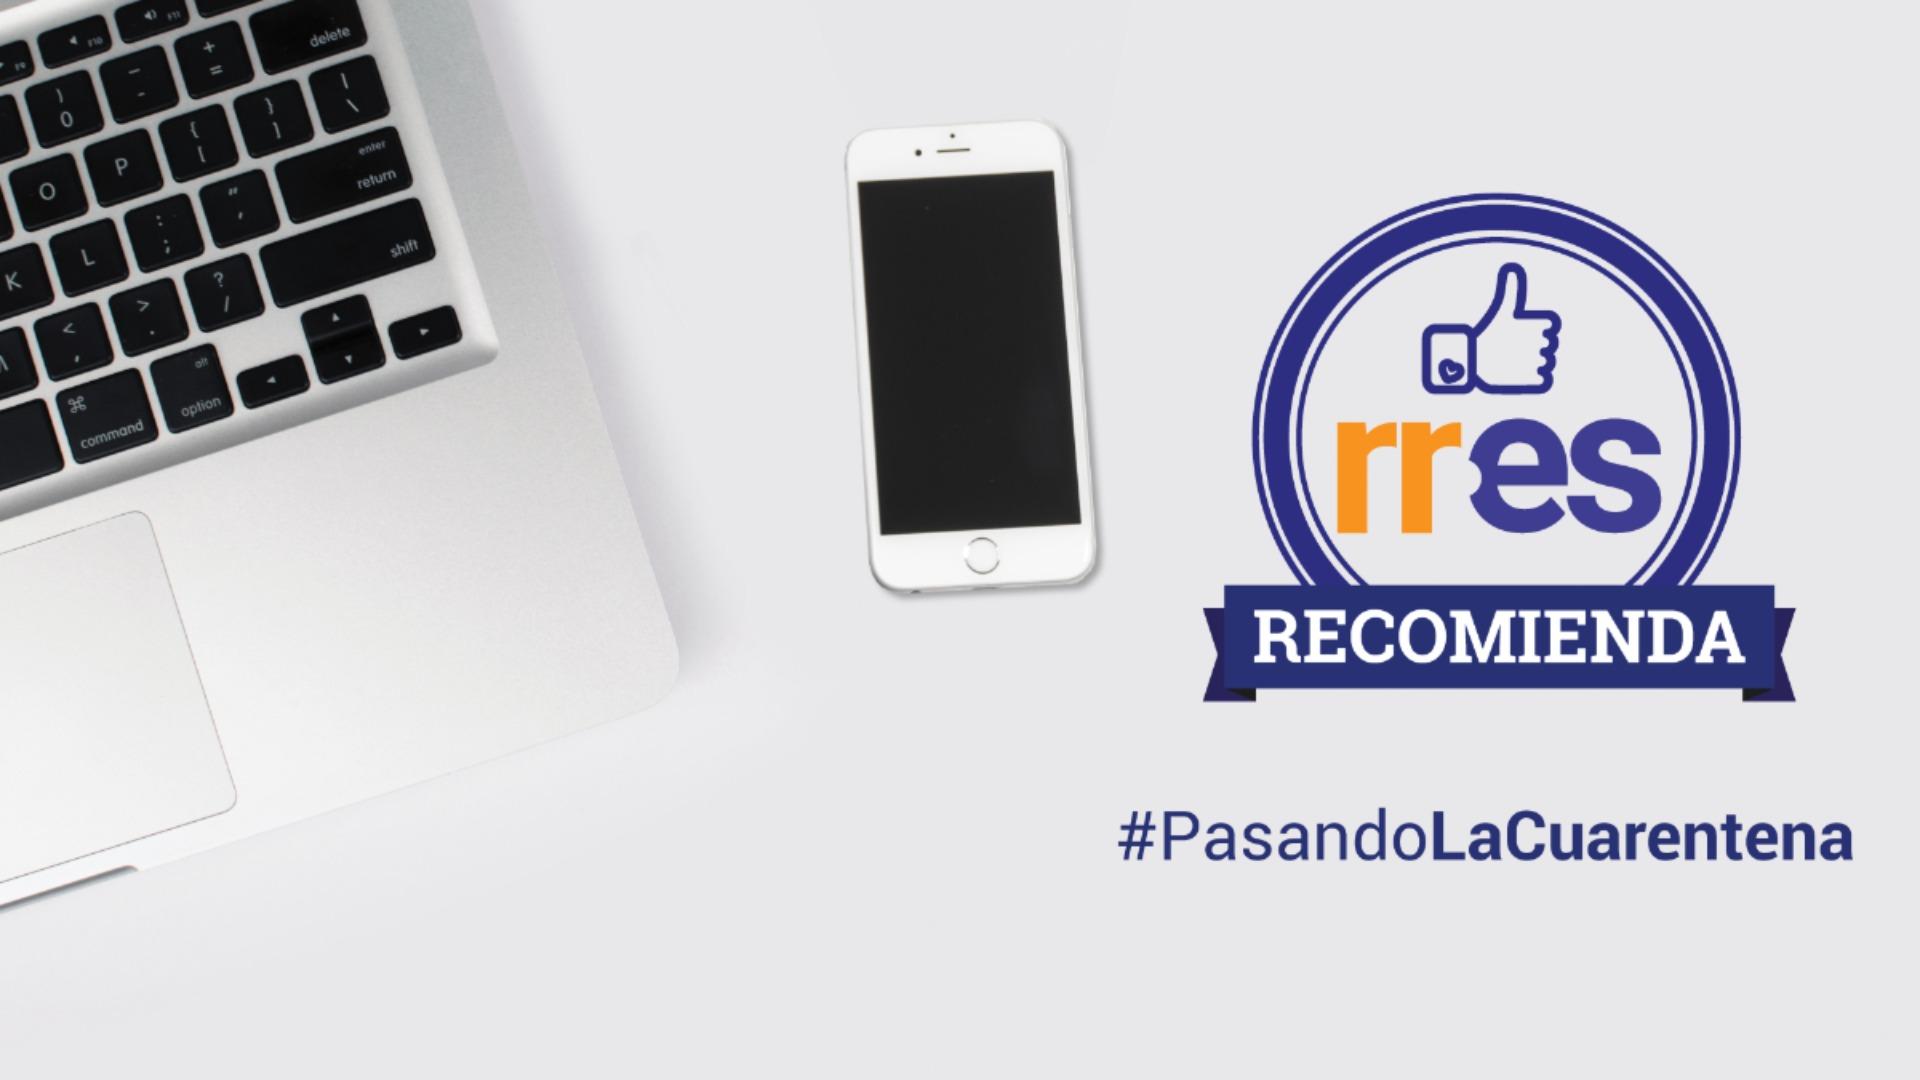 #PasandoLaCuarentena | UCAB ofrece oportunidad gratuita de aprendizaje para todo público en casa #24Mar